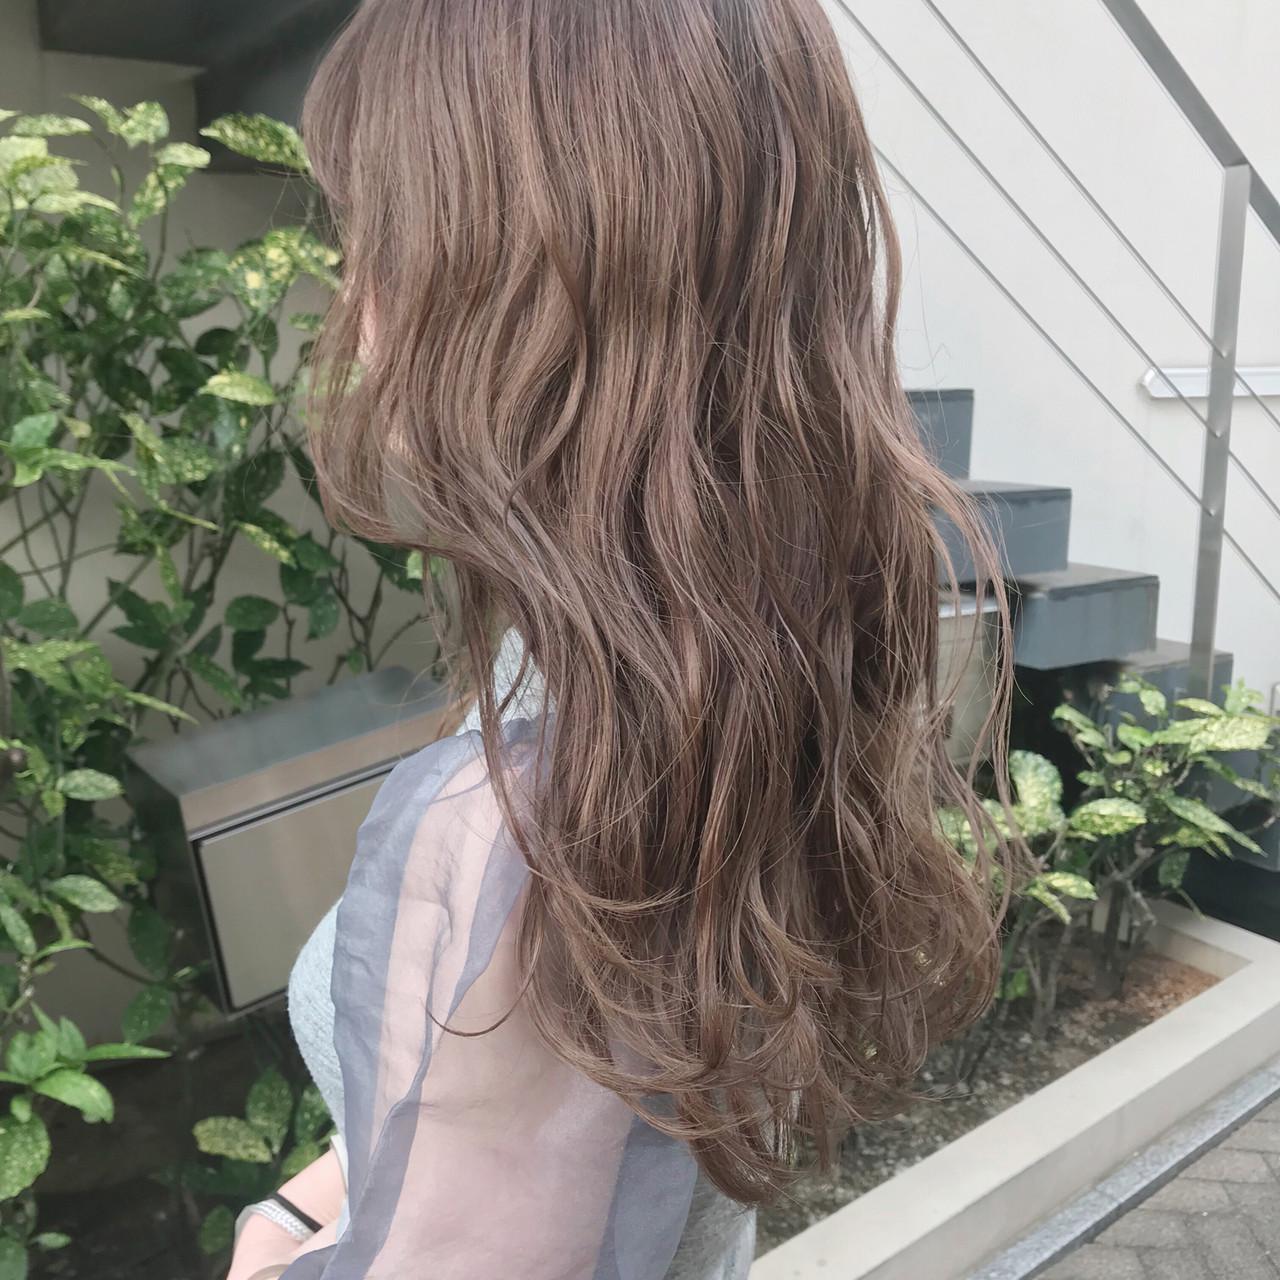 ミルクティーベージュ 波巻き ベージュカラー ダブルカラー ヘアスタイルや髪型の写真・画像 | 餅しほり / ing / ing